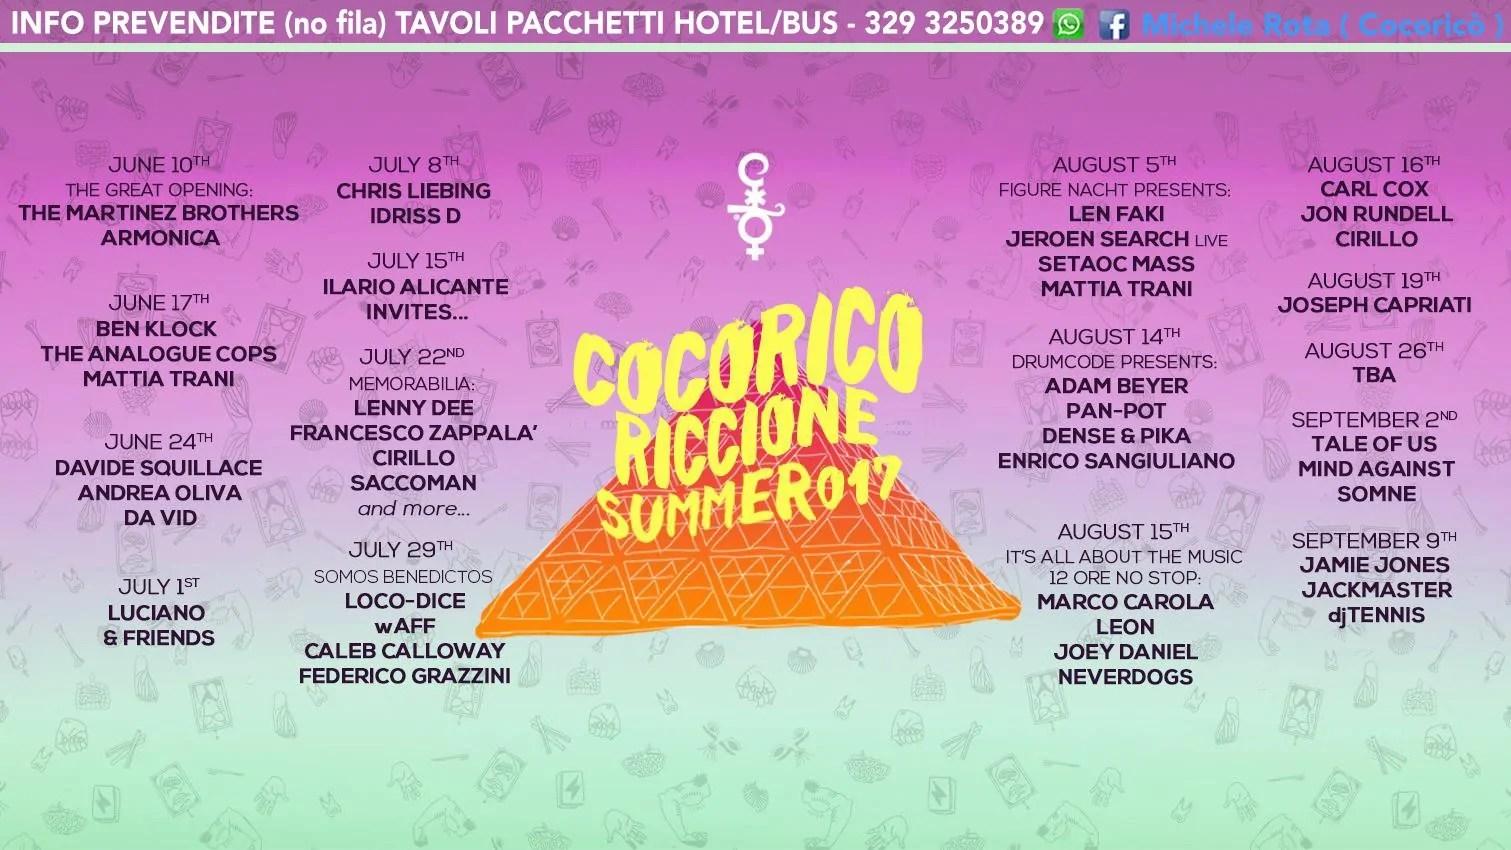 02 09 2017 TALE OF US AT COCORICÒ RICCIONE PREVENDITE + TAVOLI + PACCHETTI HOTEL